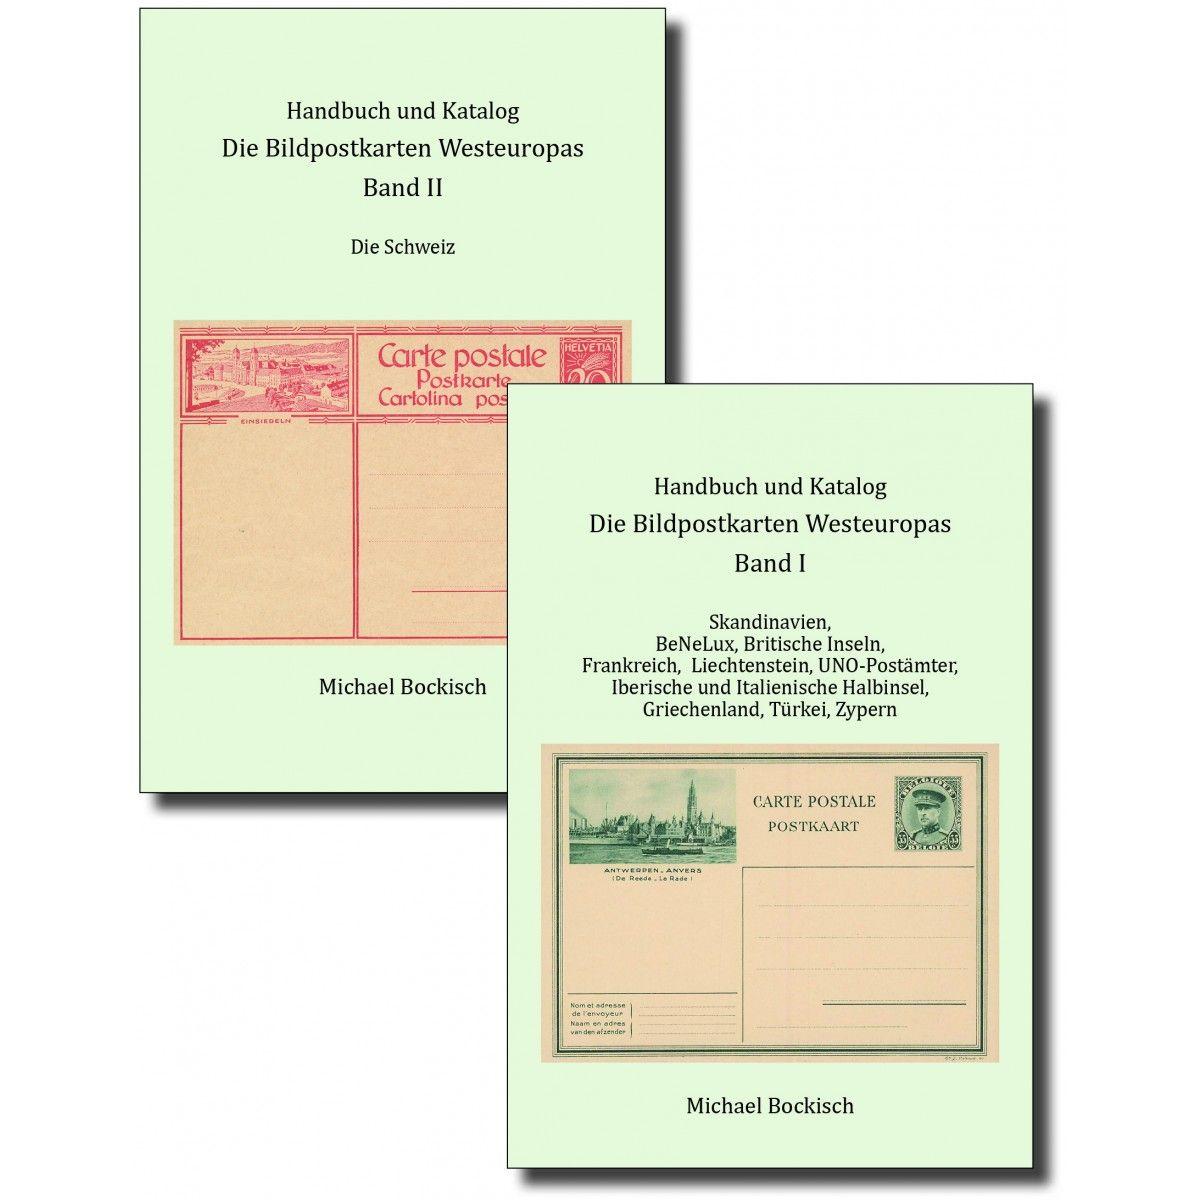 Michael Bockisch: Die Bildpostkarten Westeuropas, Handbuch und Katalog Band I und Band II